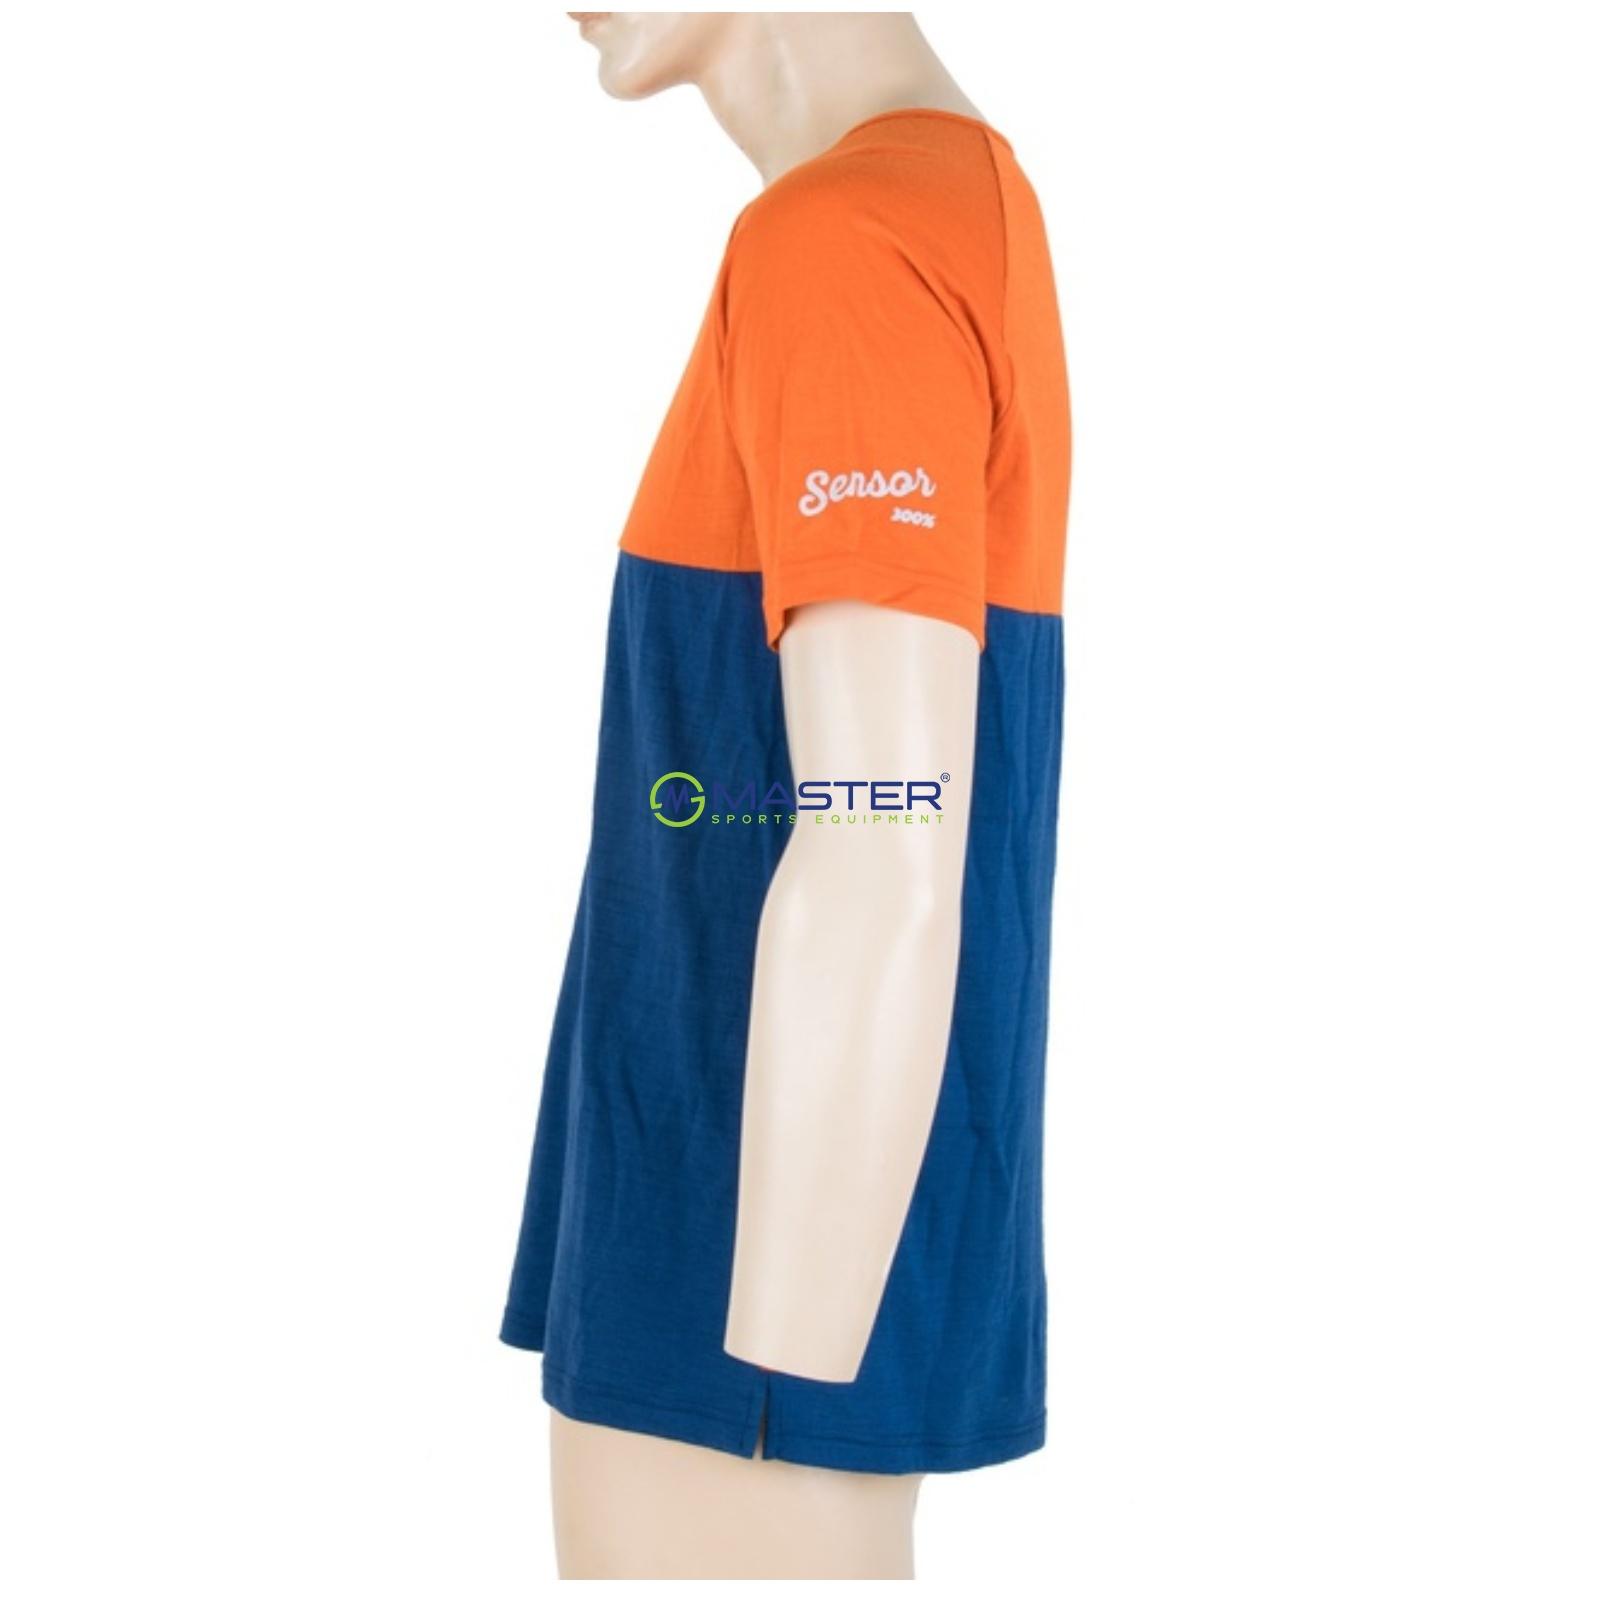 4129c4e37 Tričko krátky rukáv SENSOR Merino Air PT pánske oranžovo-modré. -27%